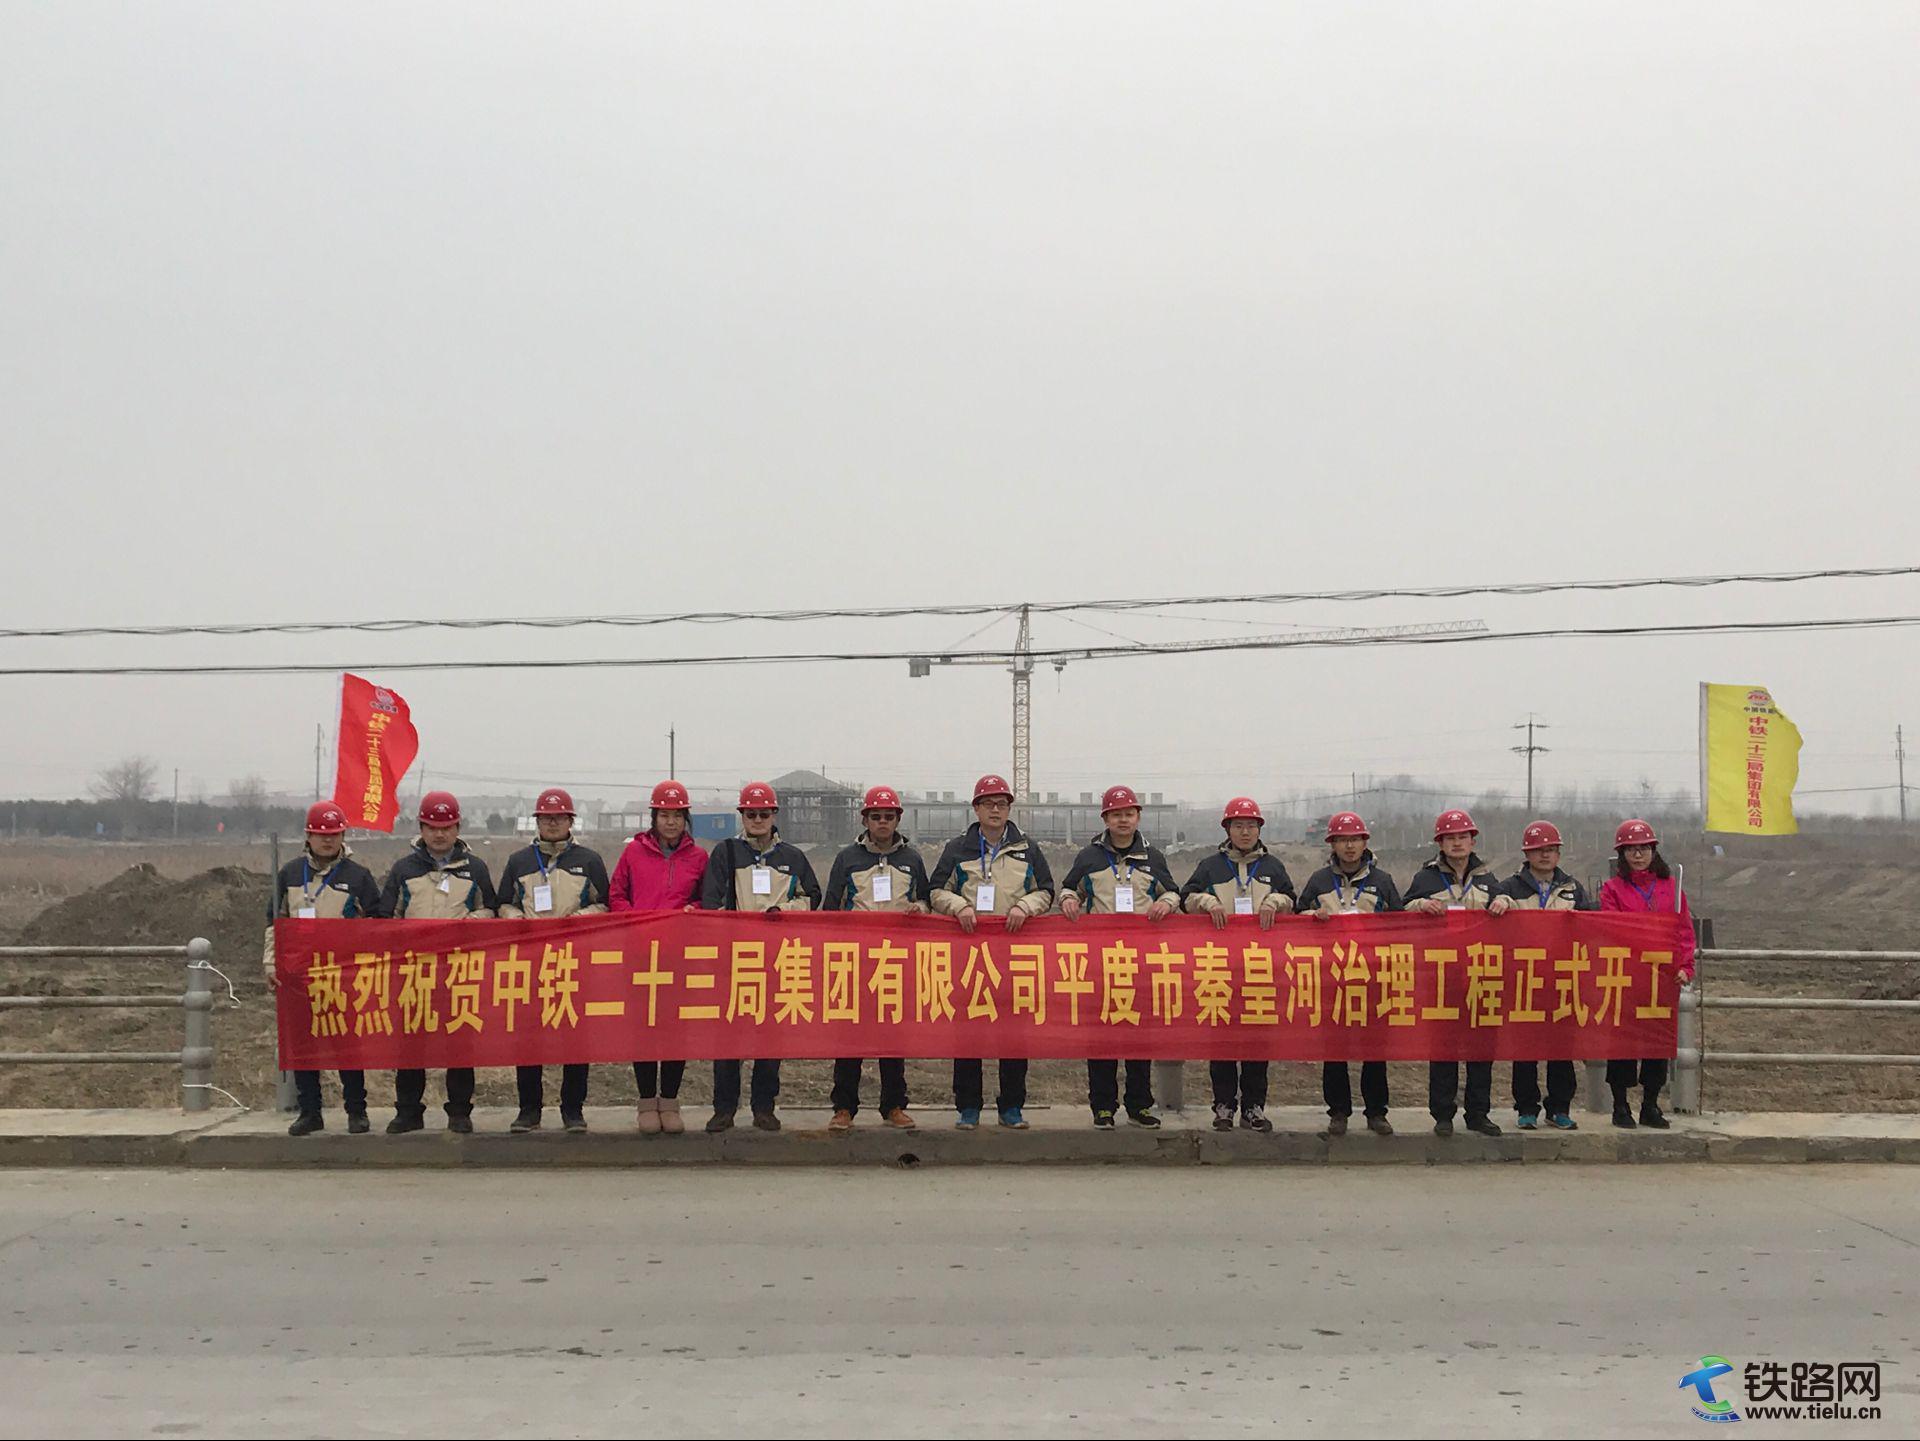 图1、热烈祝贺秦皇河治理工程项目正式开工。.png